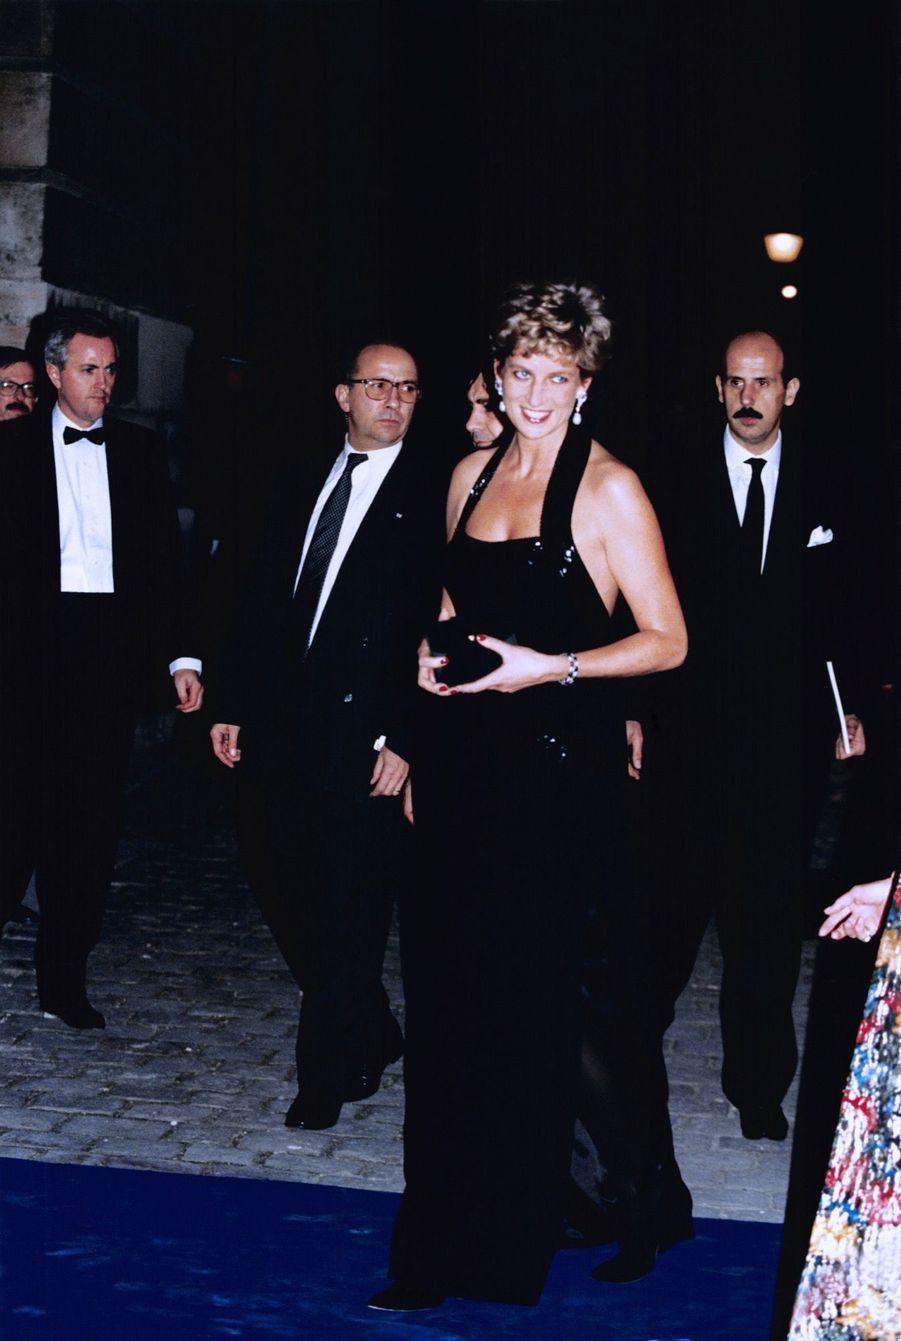 « Diana, à son arrivée au château, porte une robe de crêpe noir de Bruce Oldfield, qui est l'un de ses couturiers favoris. Avec son décolleté plongeant, la robe est bordée de paillettes, et une longue fente laisse entrevoir les jambes de la princesse. » - Paris Match n°2376, 8 décembre 1994